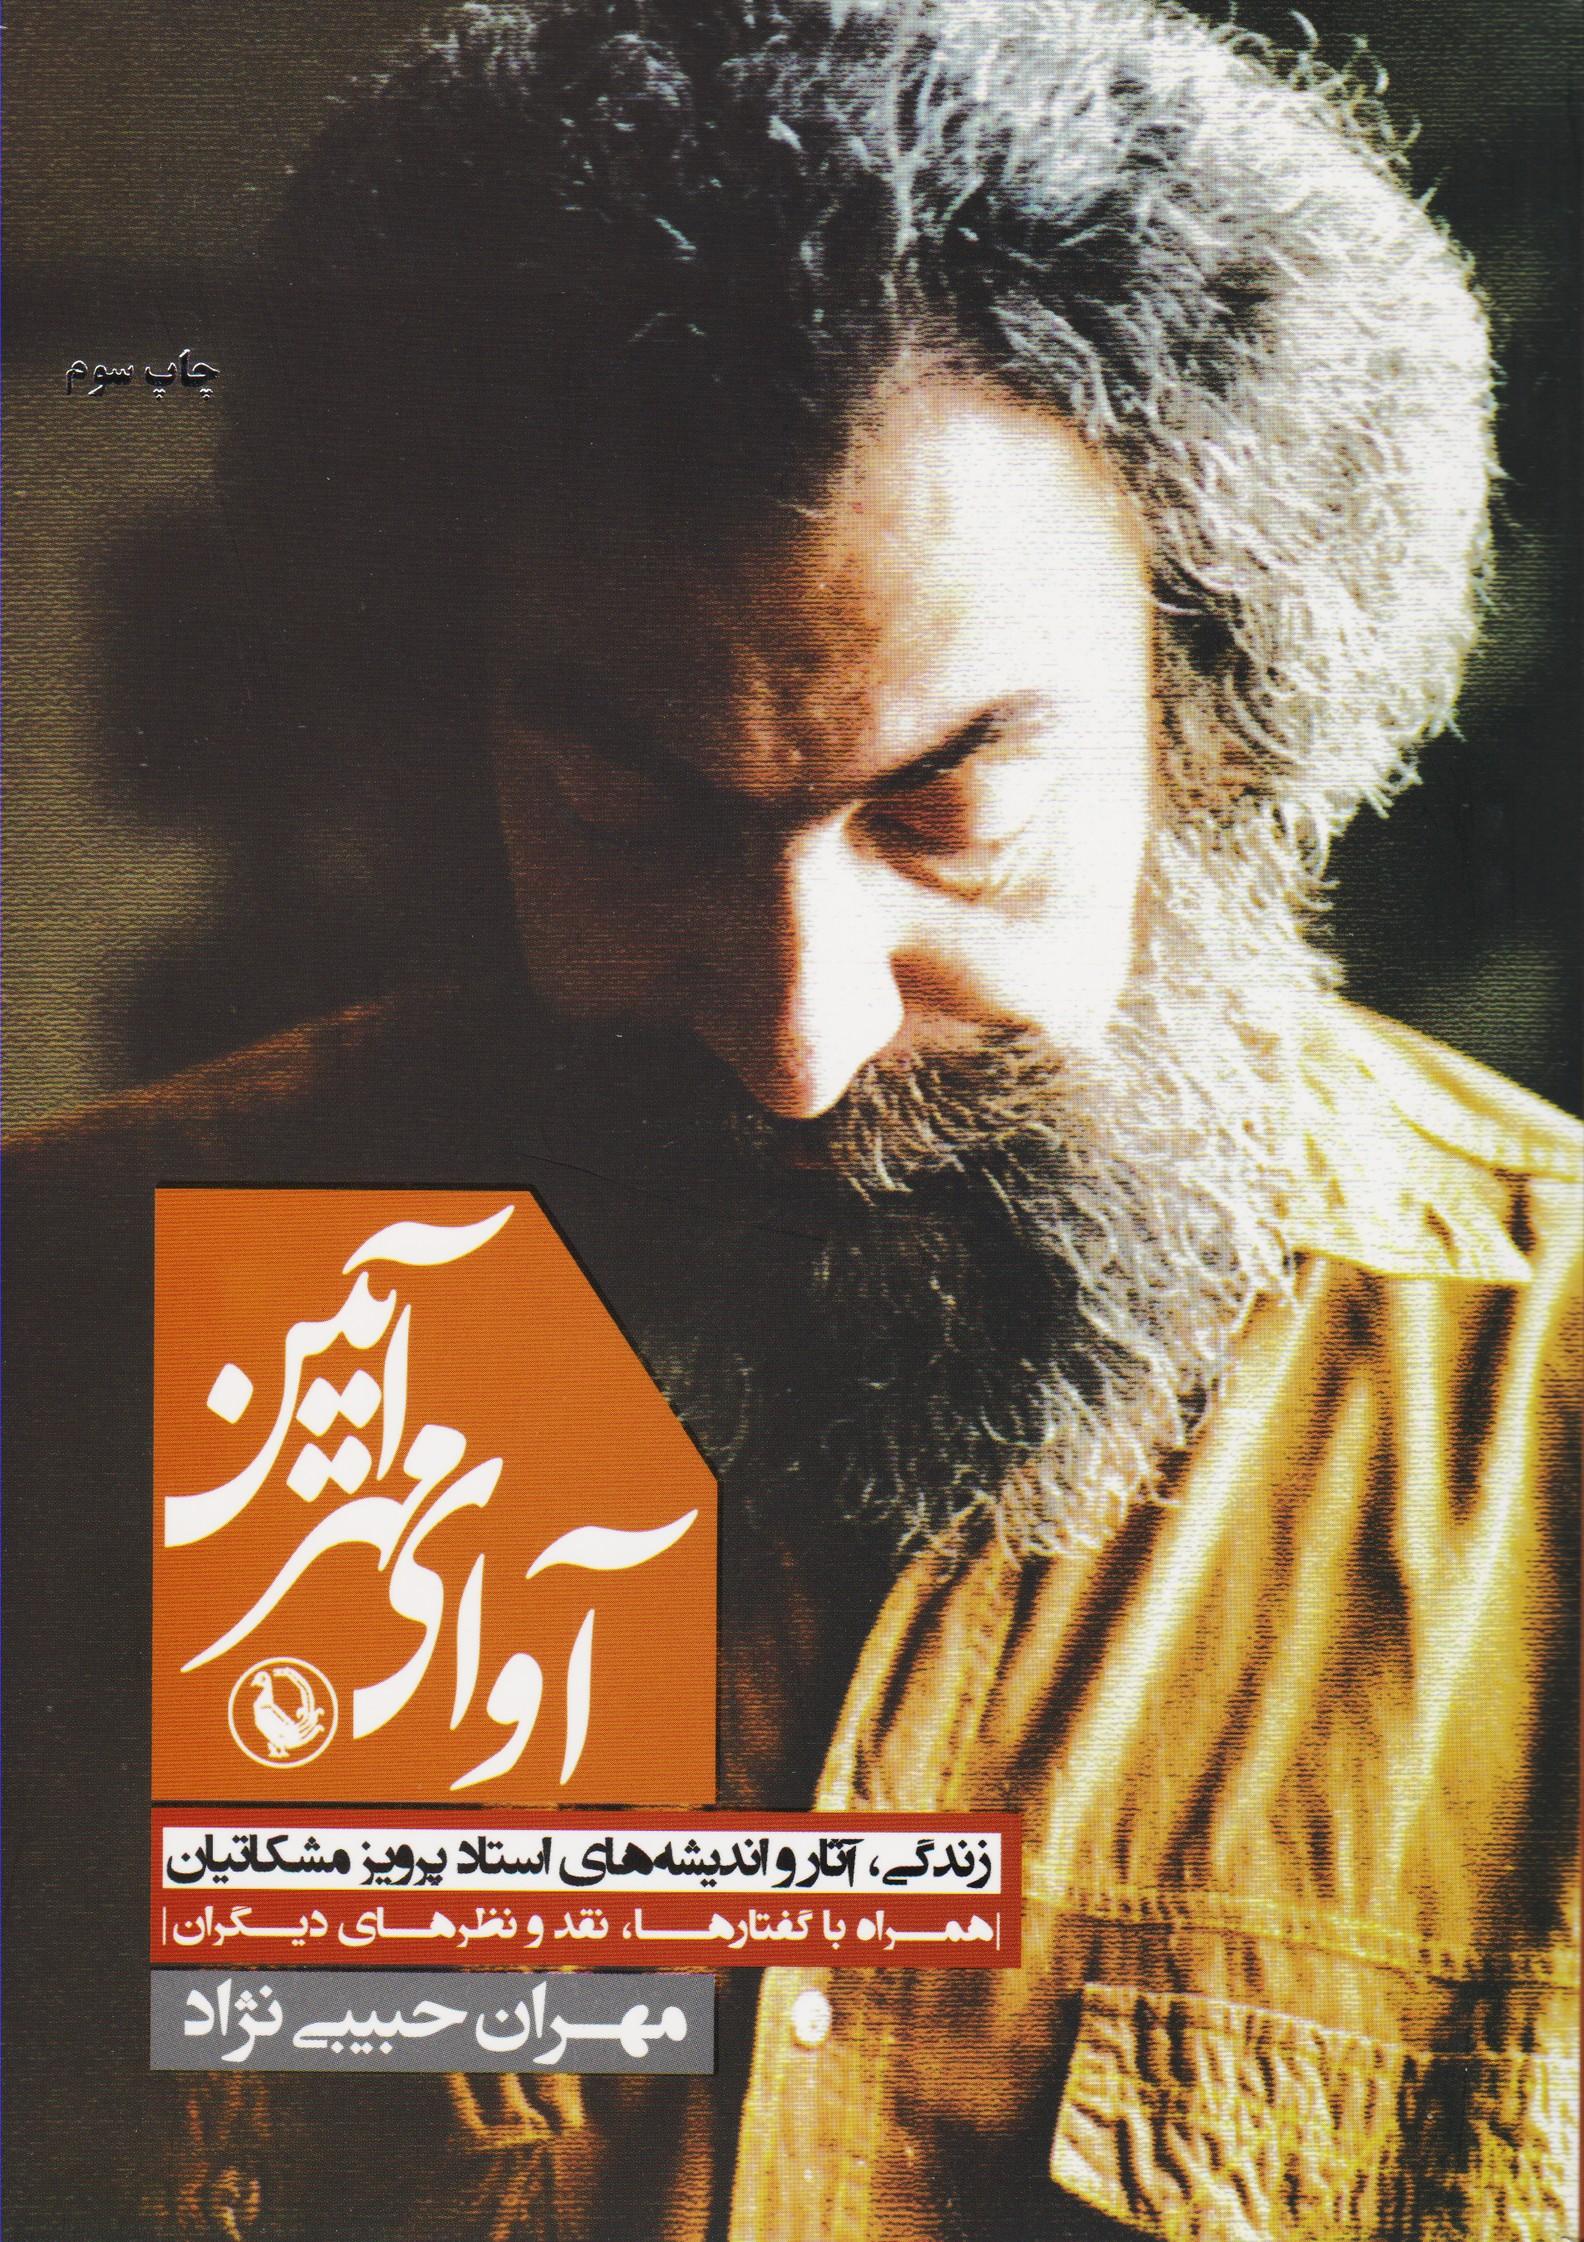 آوای مهر آیین: زندگی.اندیشه و آثار پرویز مشکاتیان